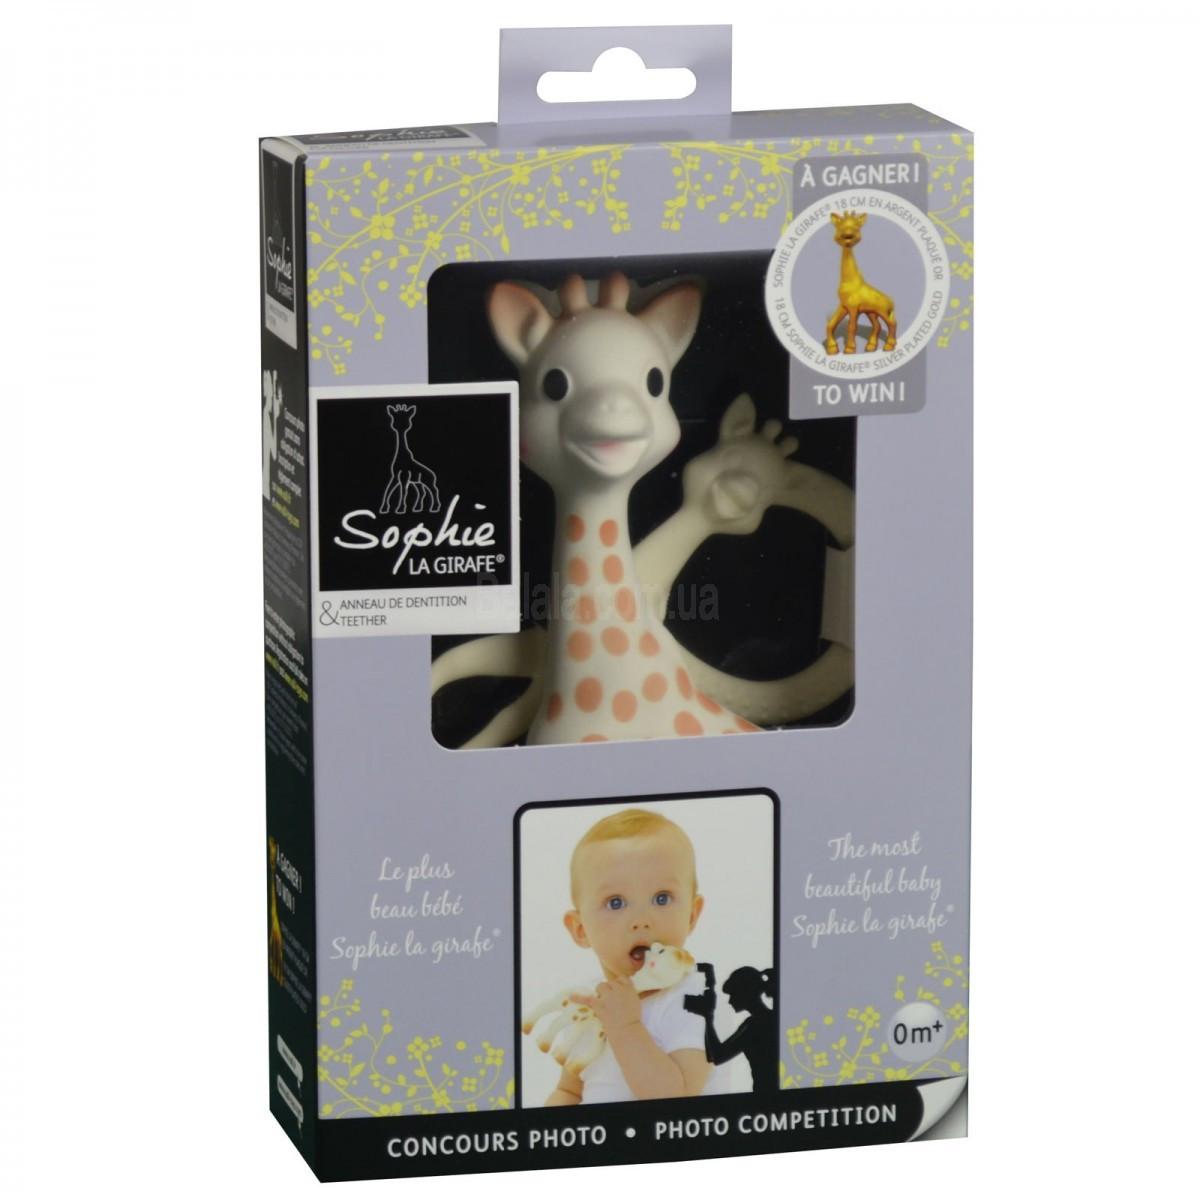 Подарочный набор Award (Жирафа Софи + прорезыватель c ароматом ванили) для новорожденного